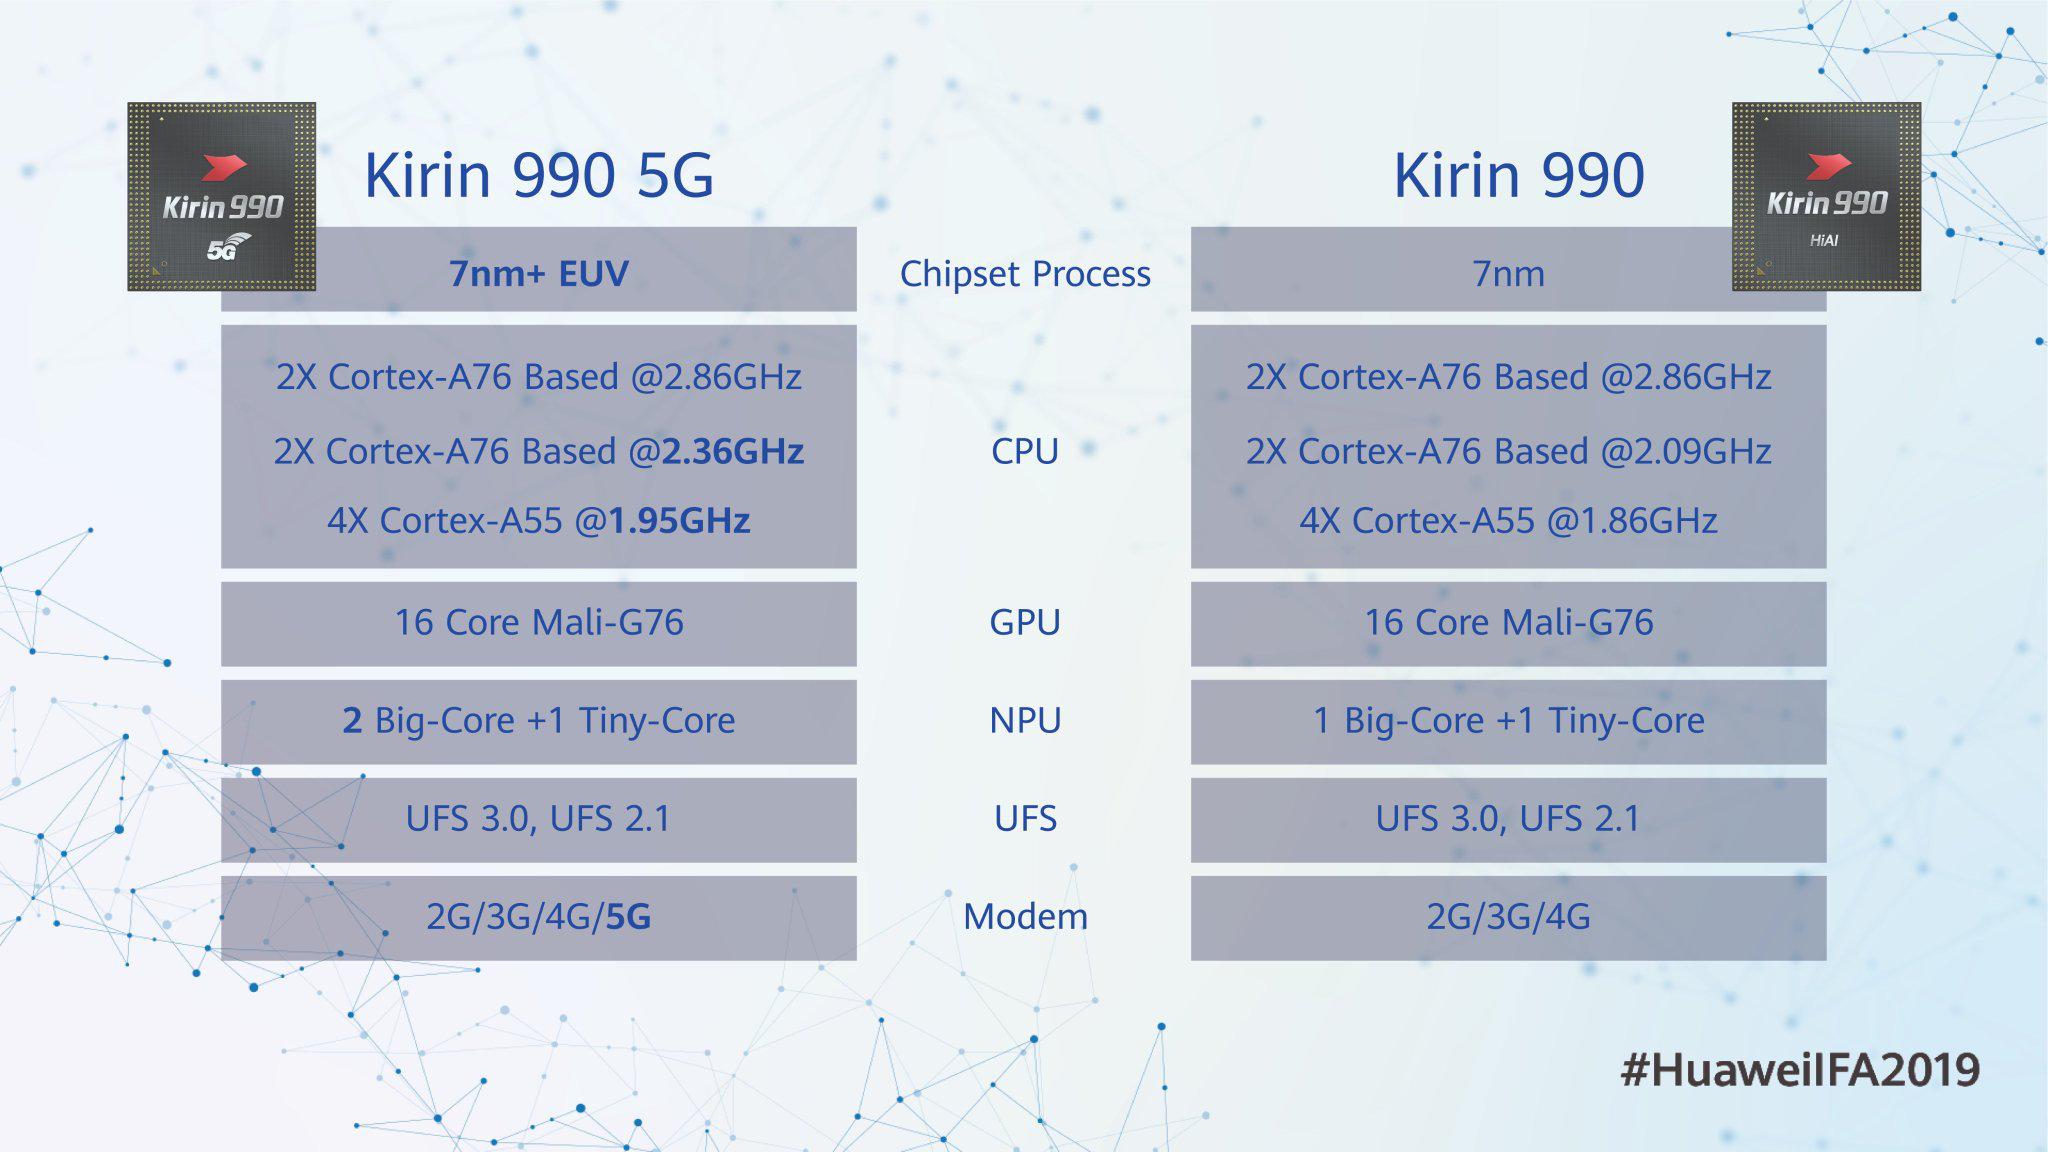 Kirin 990 5G Huawei Mate 30 Pro kiedy premiera plotki przecieki wycieki specyfikacja techniczna opinie IFA 2019